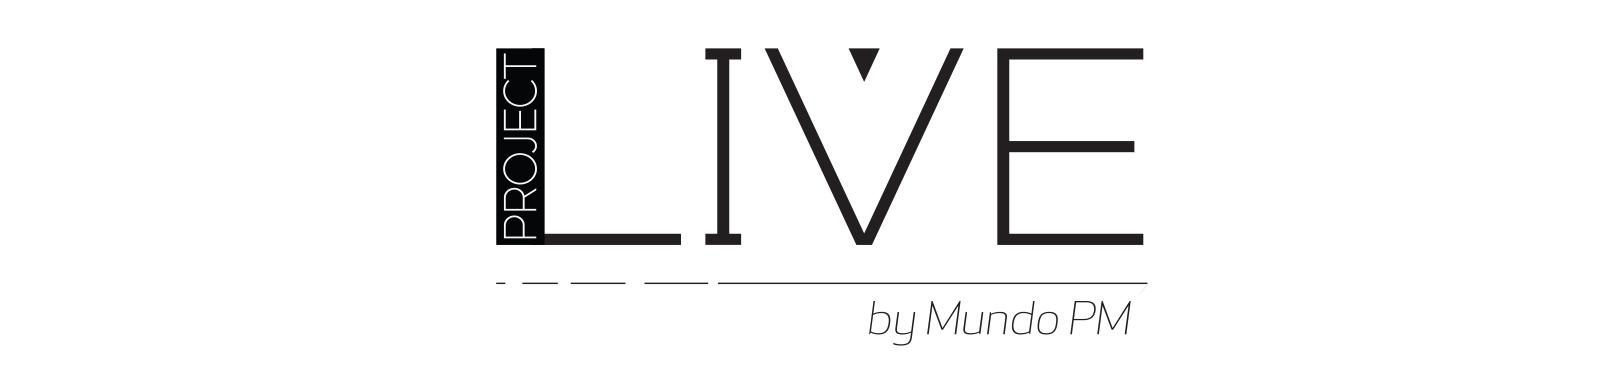 logo_live_bgtransparente_1600px